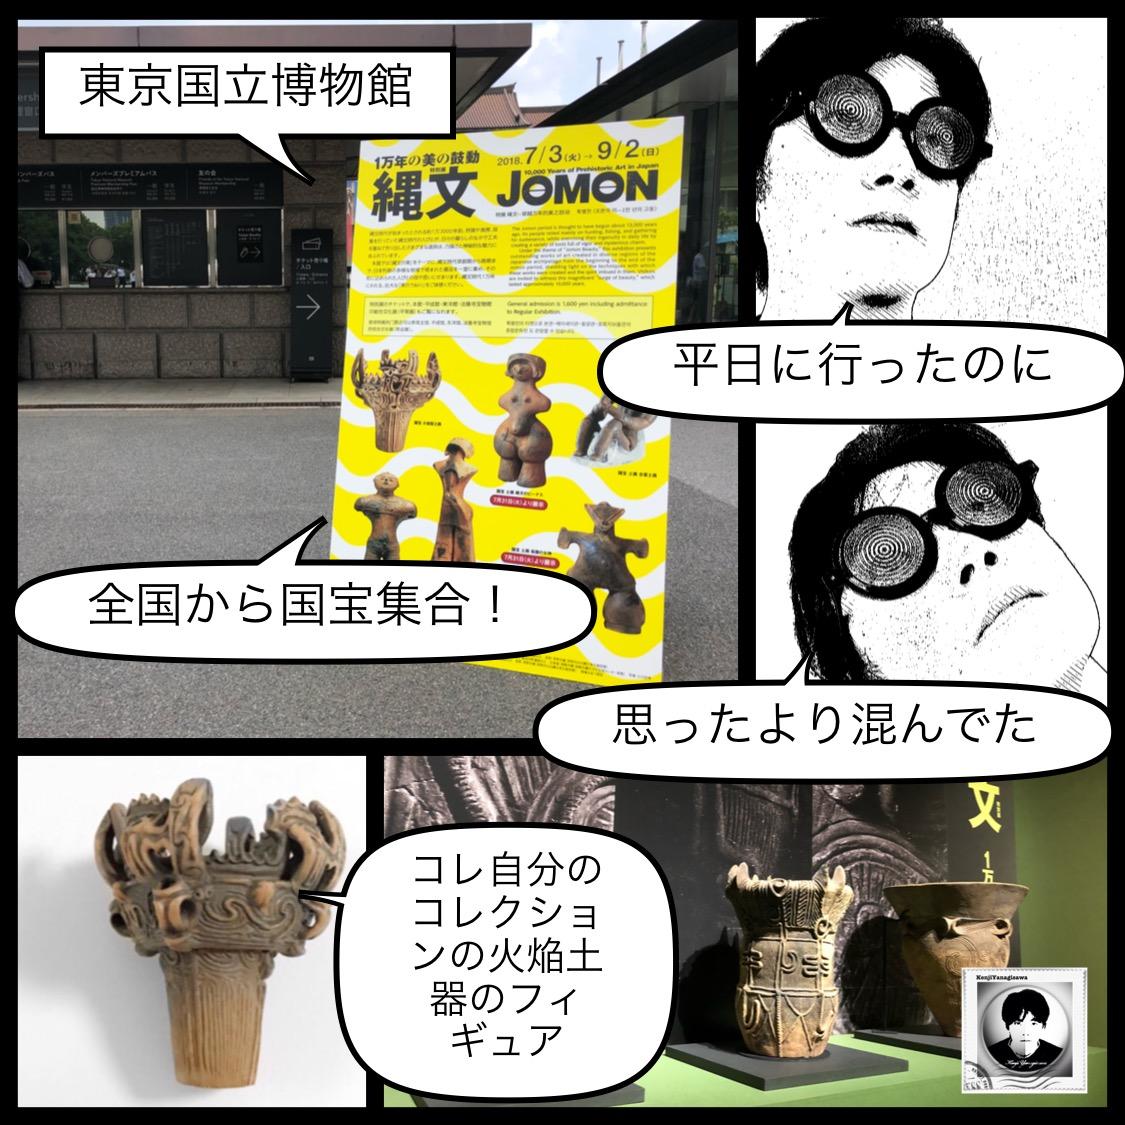 縄文展:東京国立博物館:合成漫画柳澤